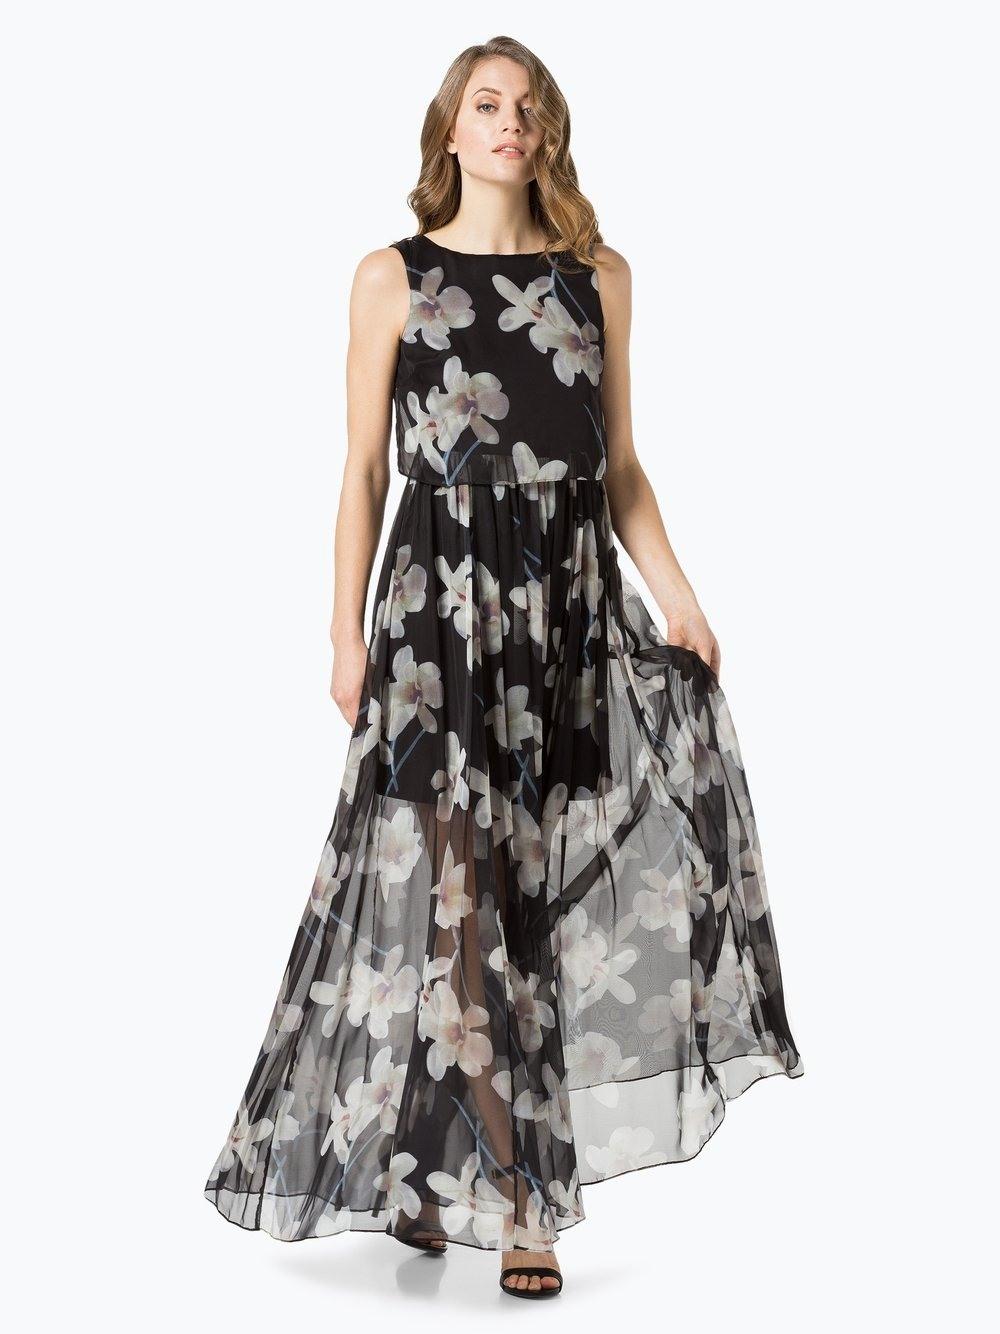 Cool Apart Abendkleider Stylish20 Großartig Apart Abendkleider Boutique